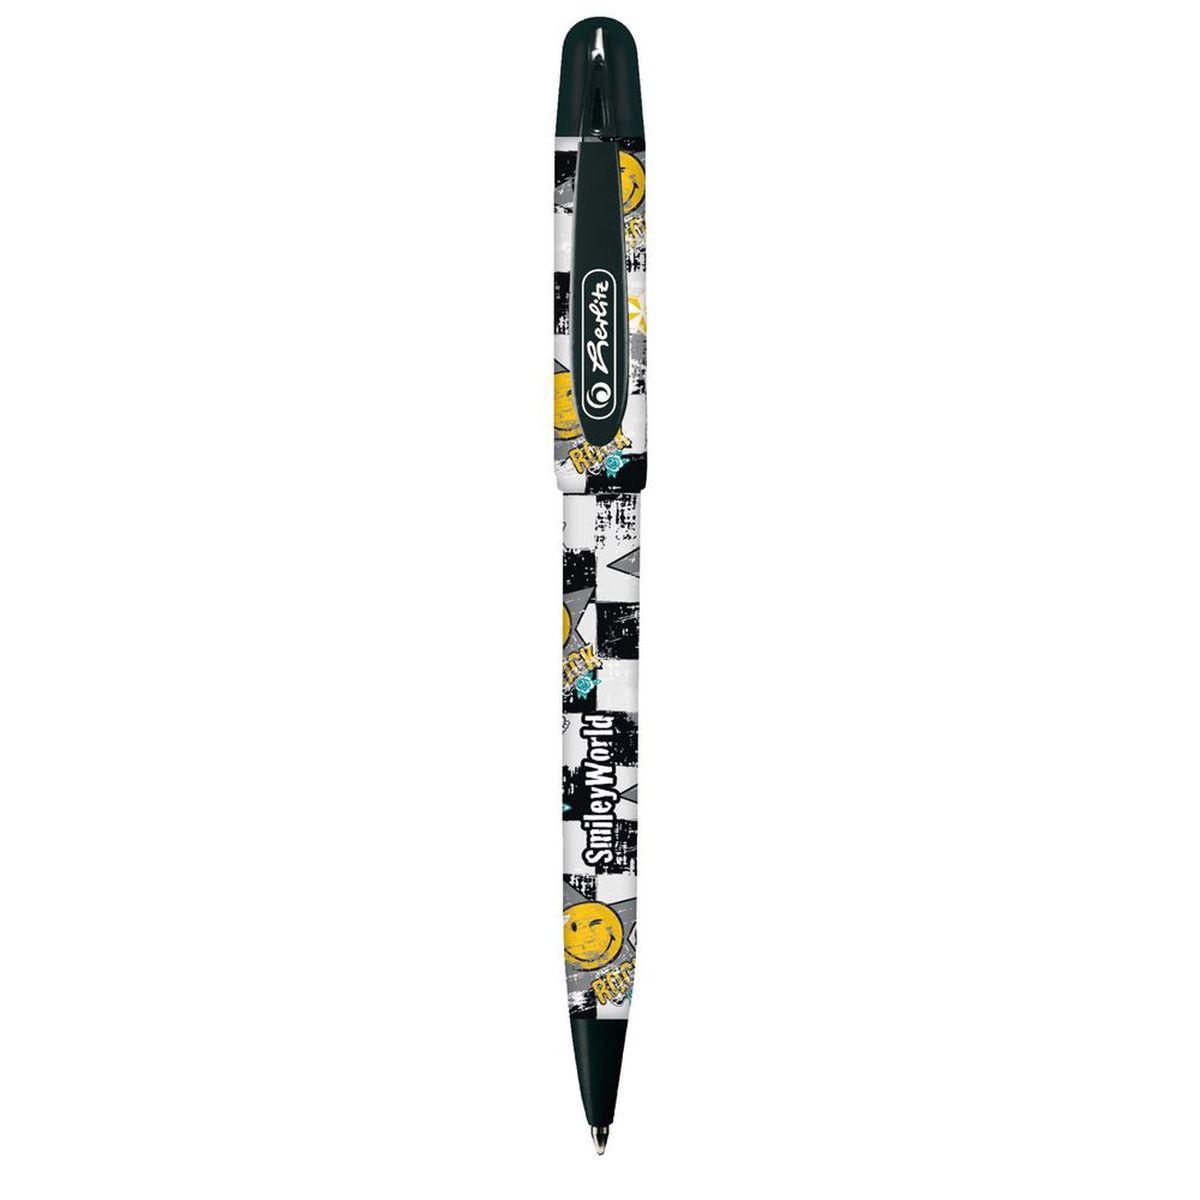 Herlitz Ручка шариковая Smiley World11234408Шариковая ручка Herlitz Smiley World в пластиковом корпусе станет незаменимым атрибутом любого школьника. Она долго пишет благодаря увеличенному запасу чернил и возможности замены стержня. Цвет чернил: синий.